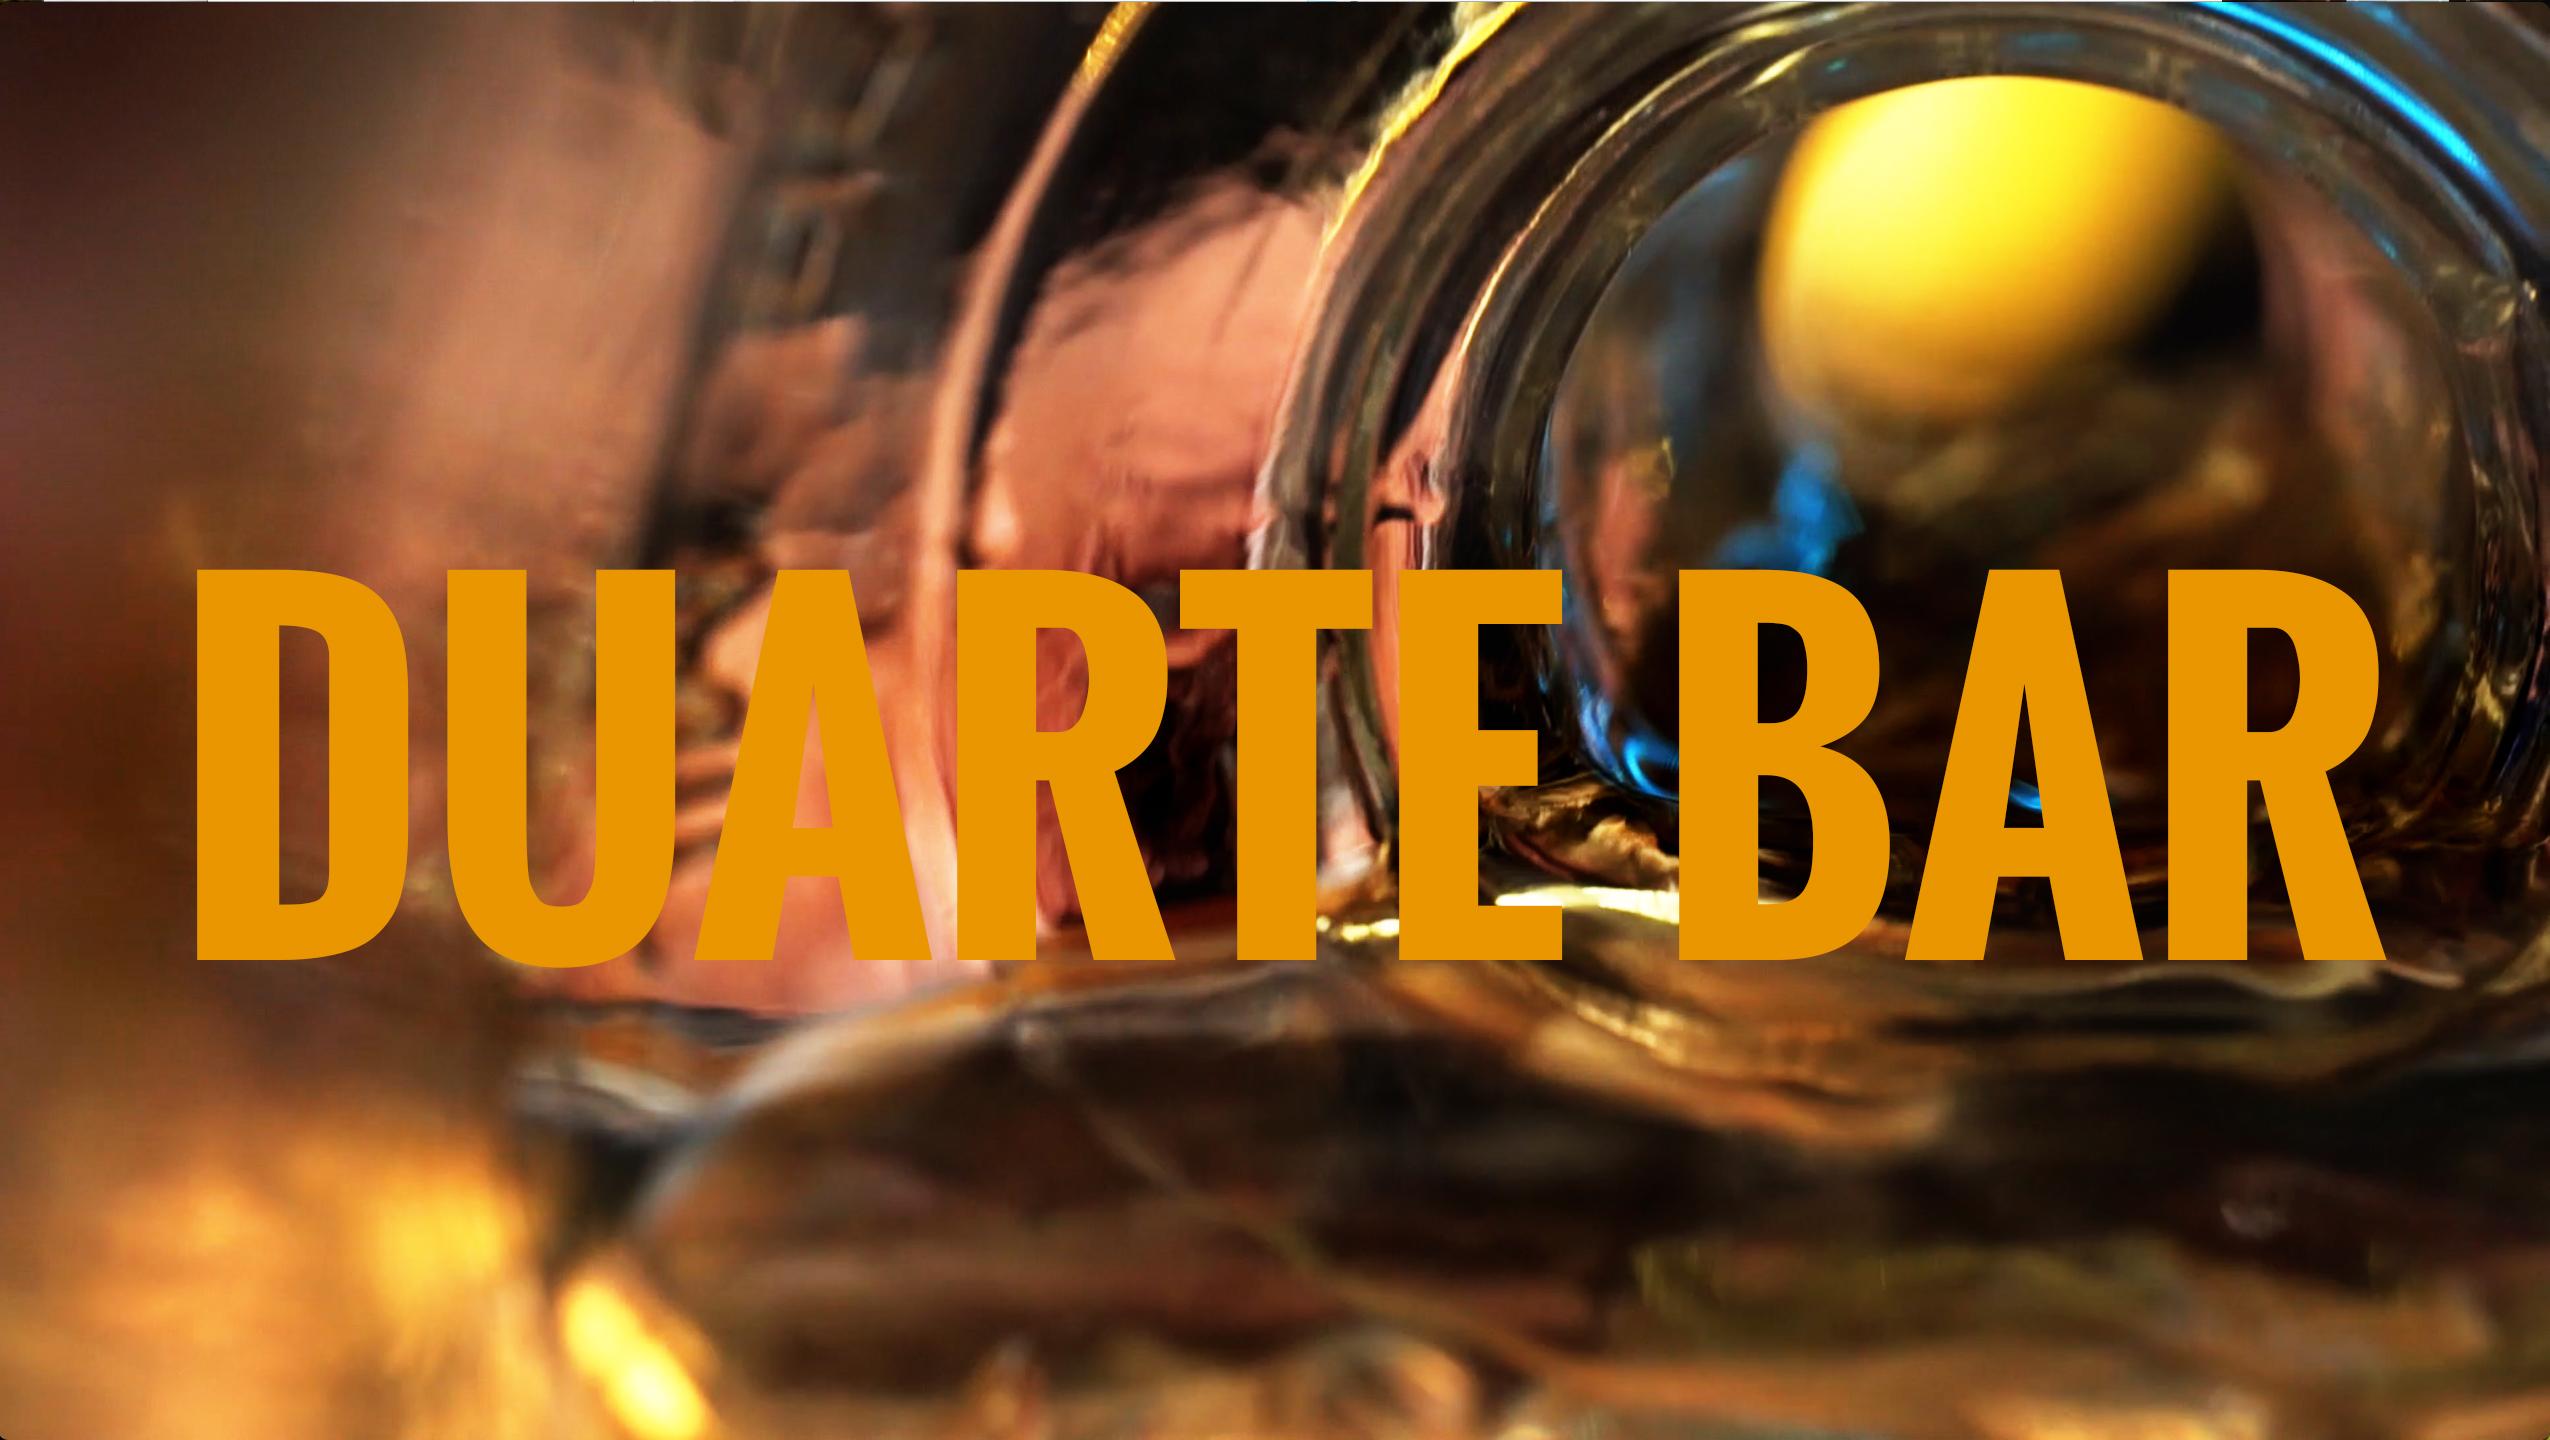 Duarte Bar